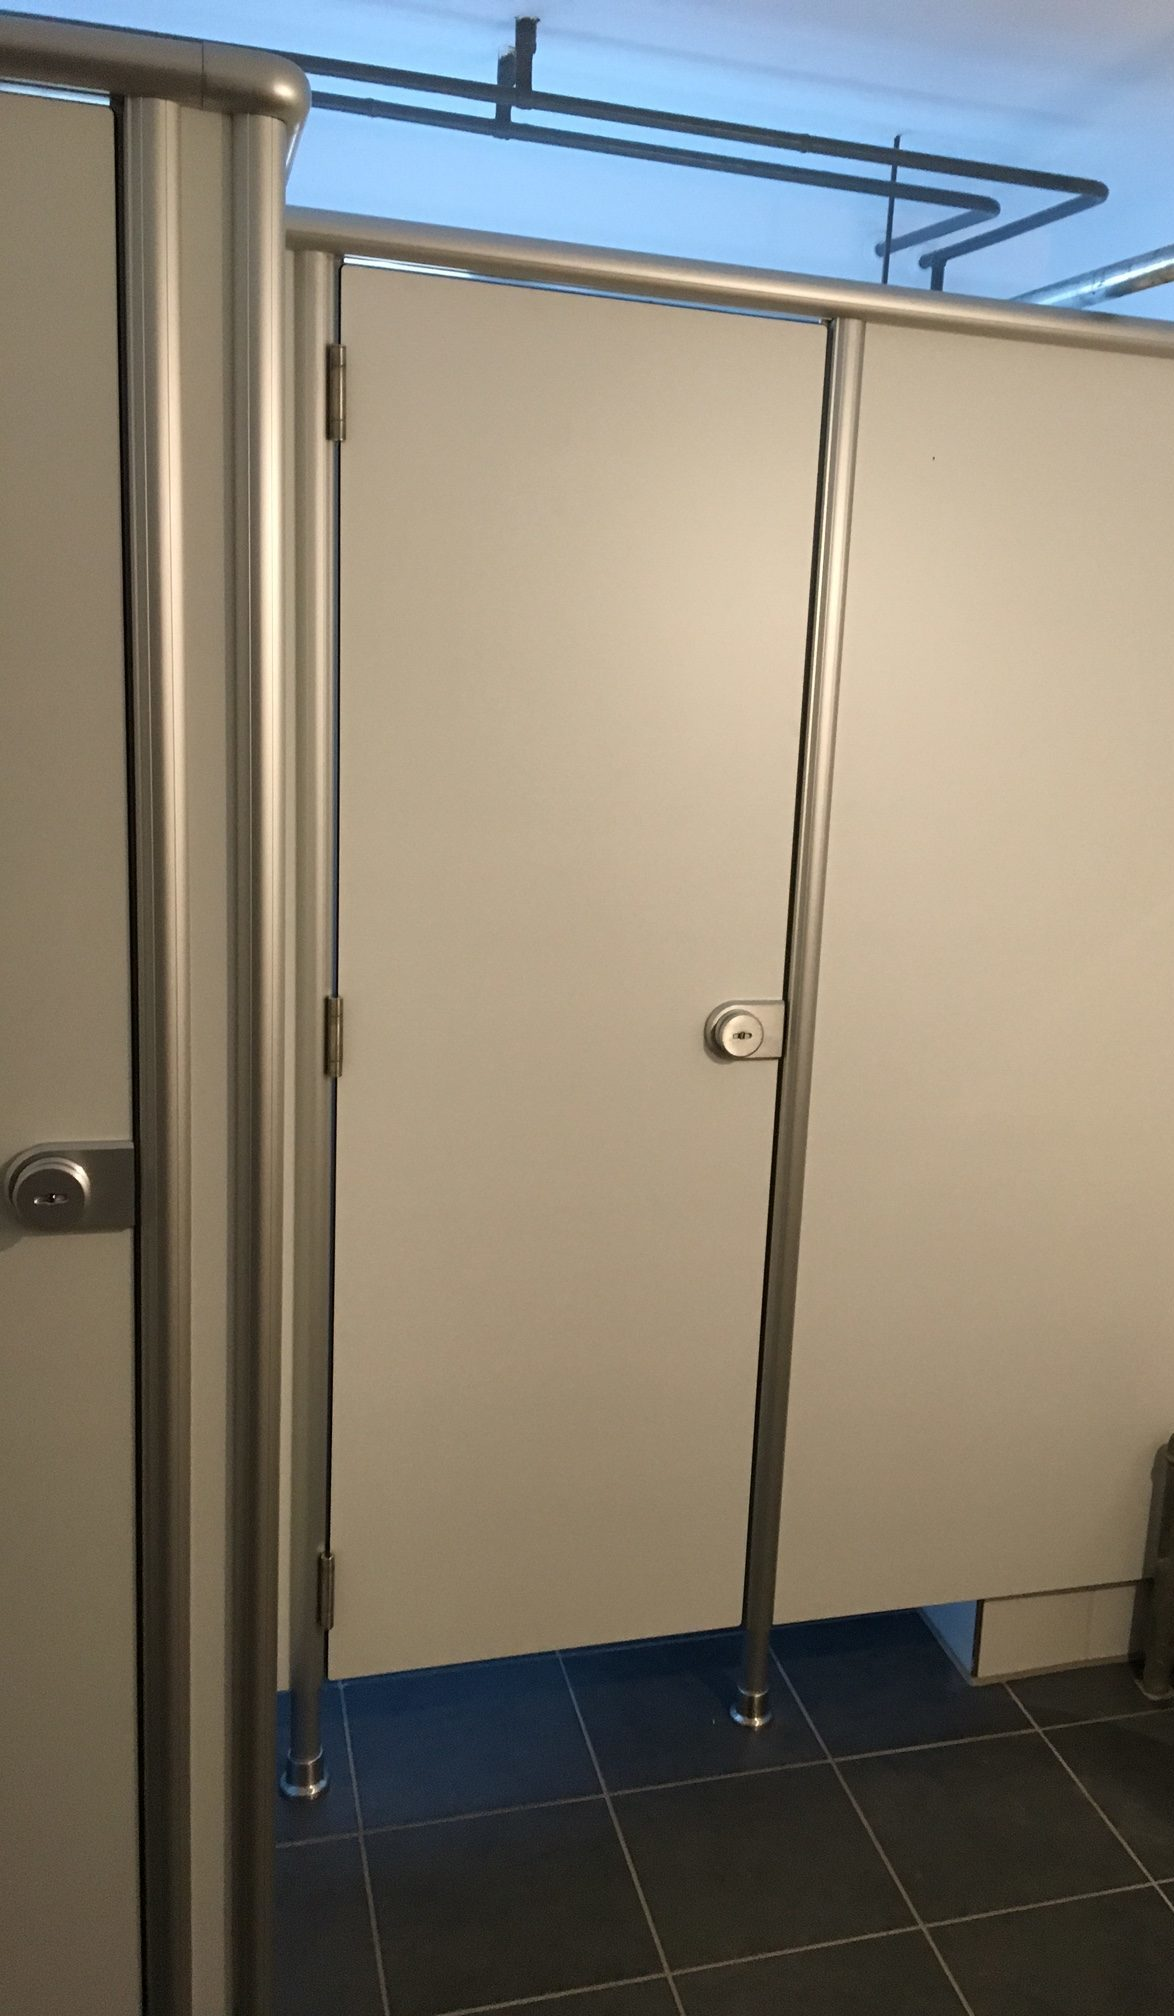 neue toilette im ug jugendschulungshaus karlstein. Black Bedroom Furniture Sets. Home Design Ideas